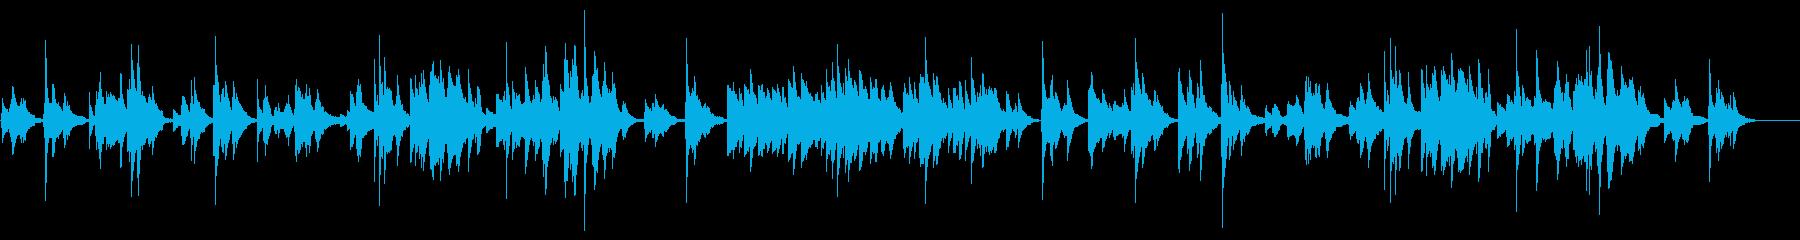 シューマン作曲「予言の鳥」ピアノソロの再生済みの波形